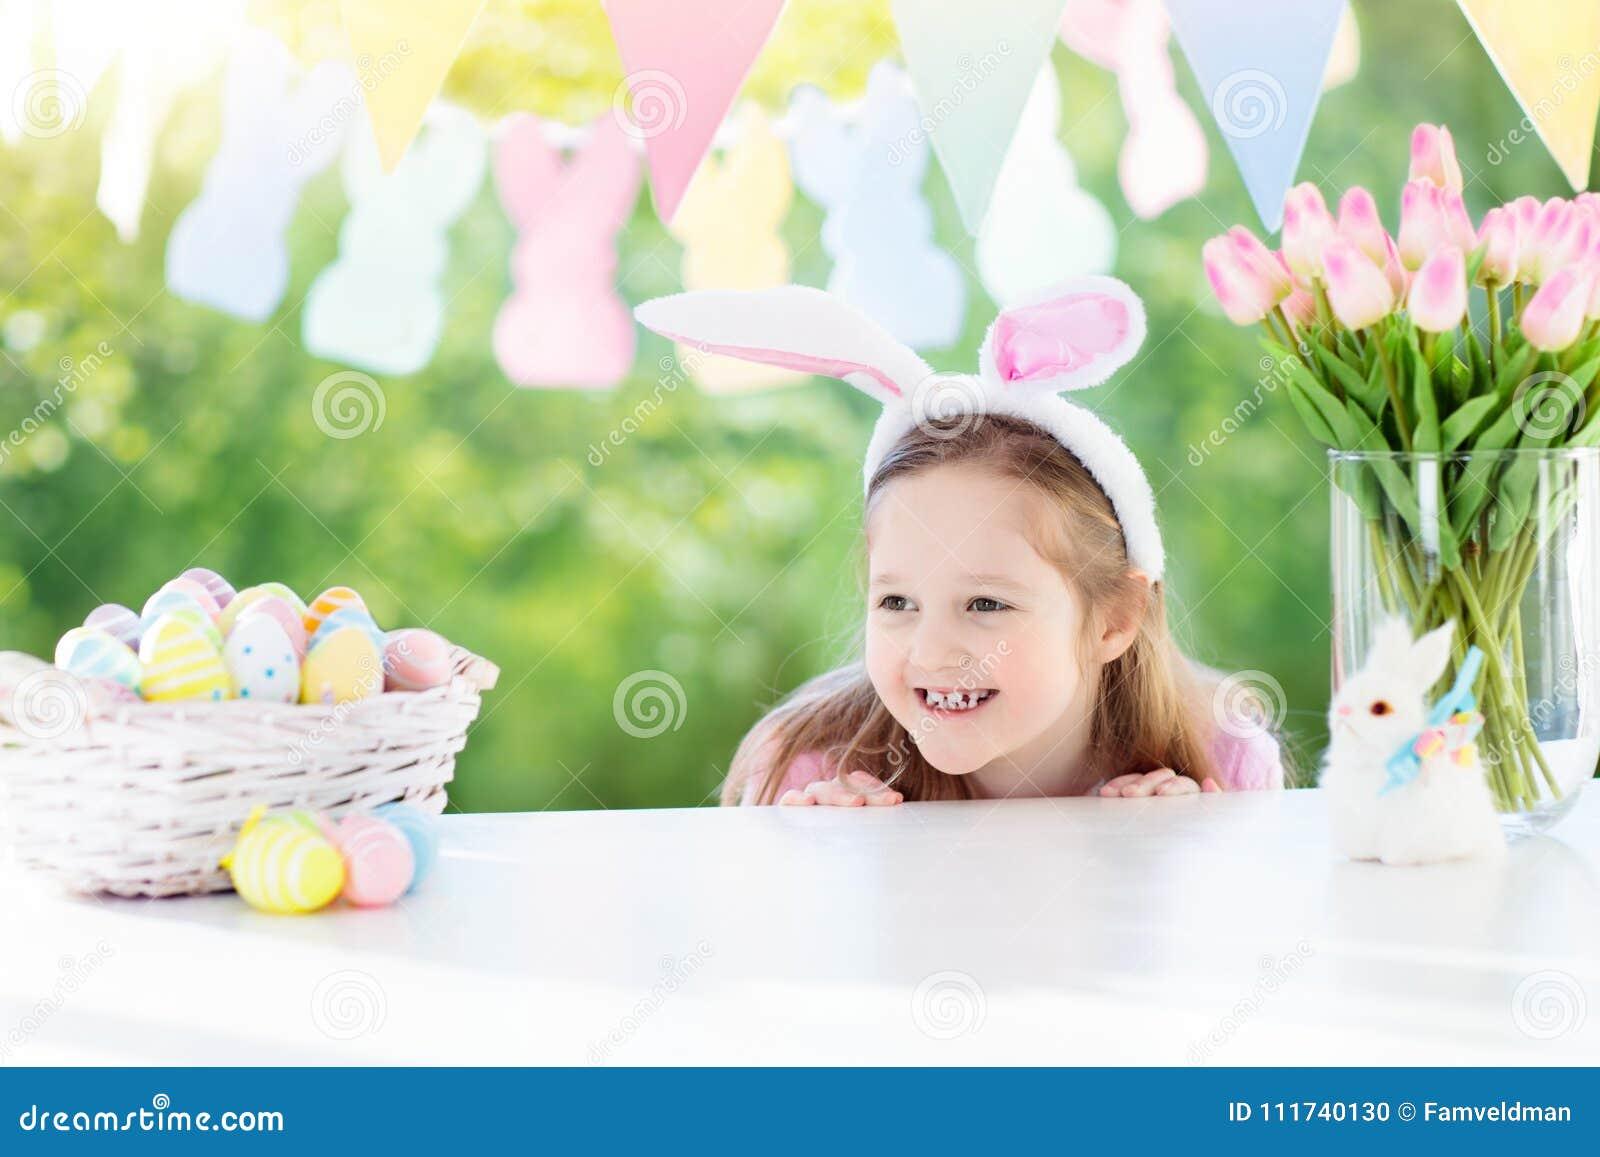 Petite Fille Drole Dans Des Oreilles De Lapin Au Petit Dejeuner Le Matin De Paques A La Table Avec Des Oeufs De Paques Photo Stock Image Du Fille Petite 111740130